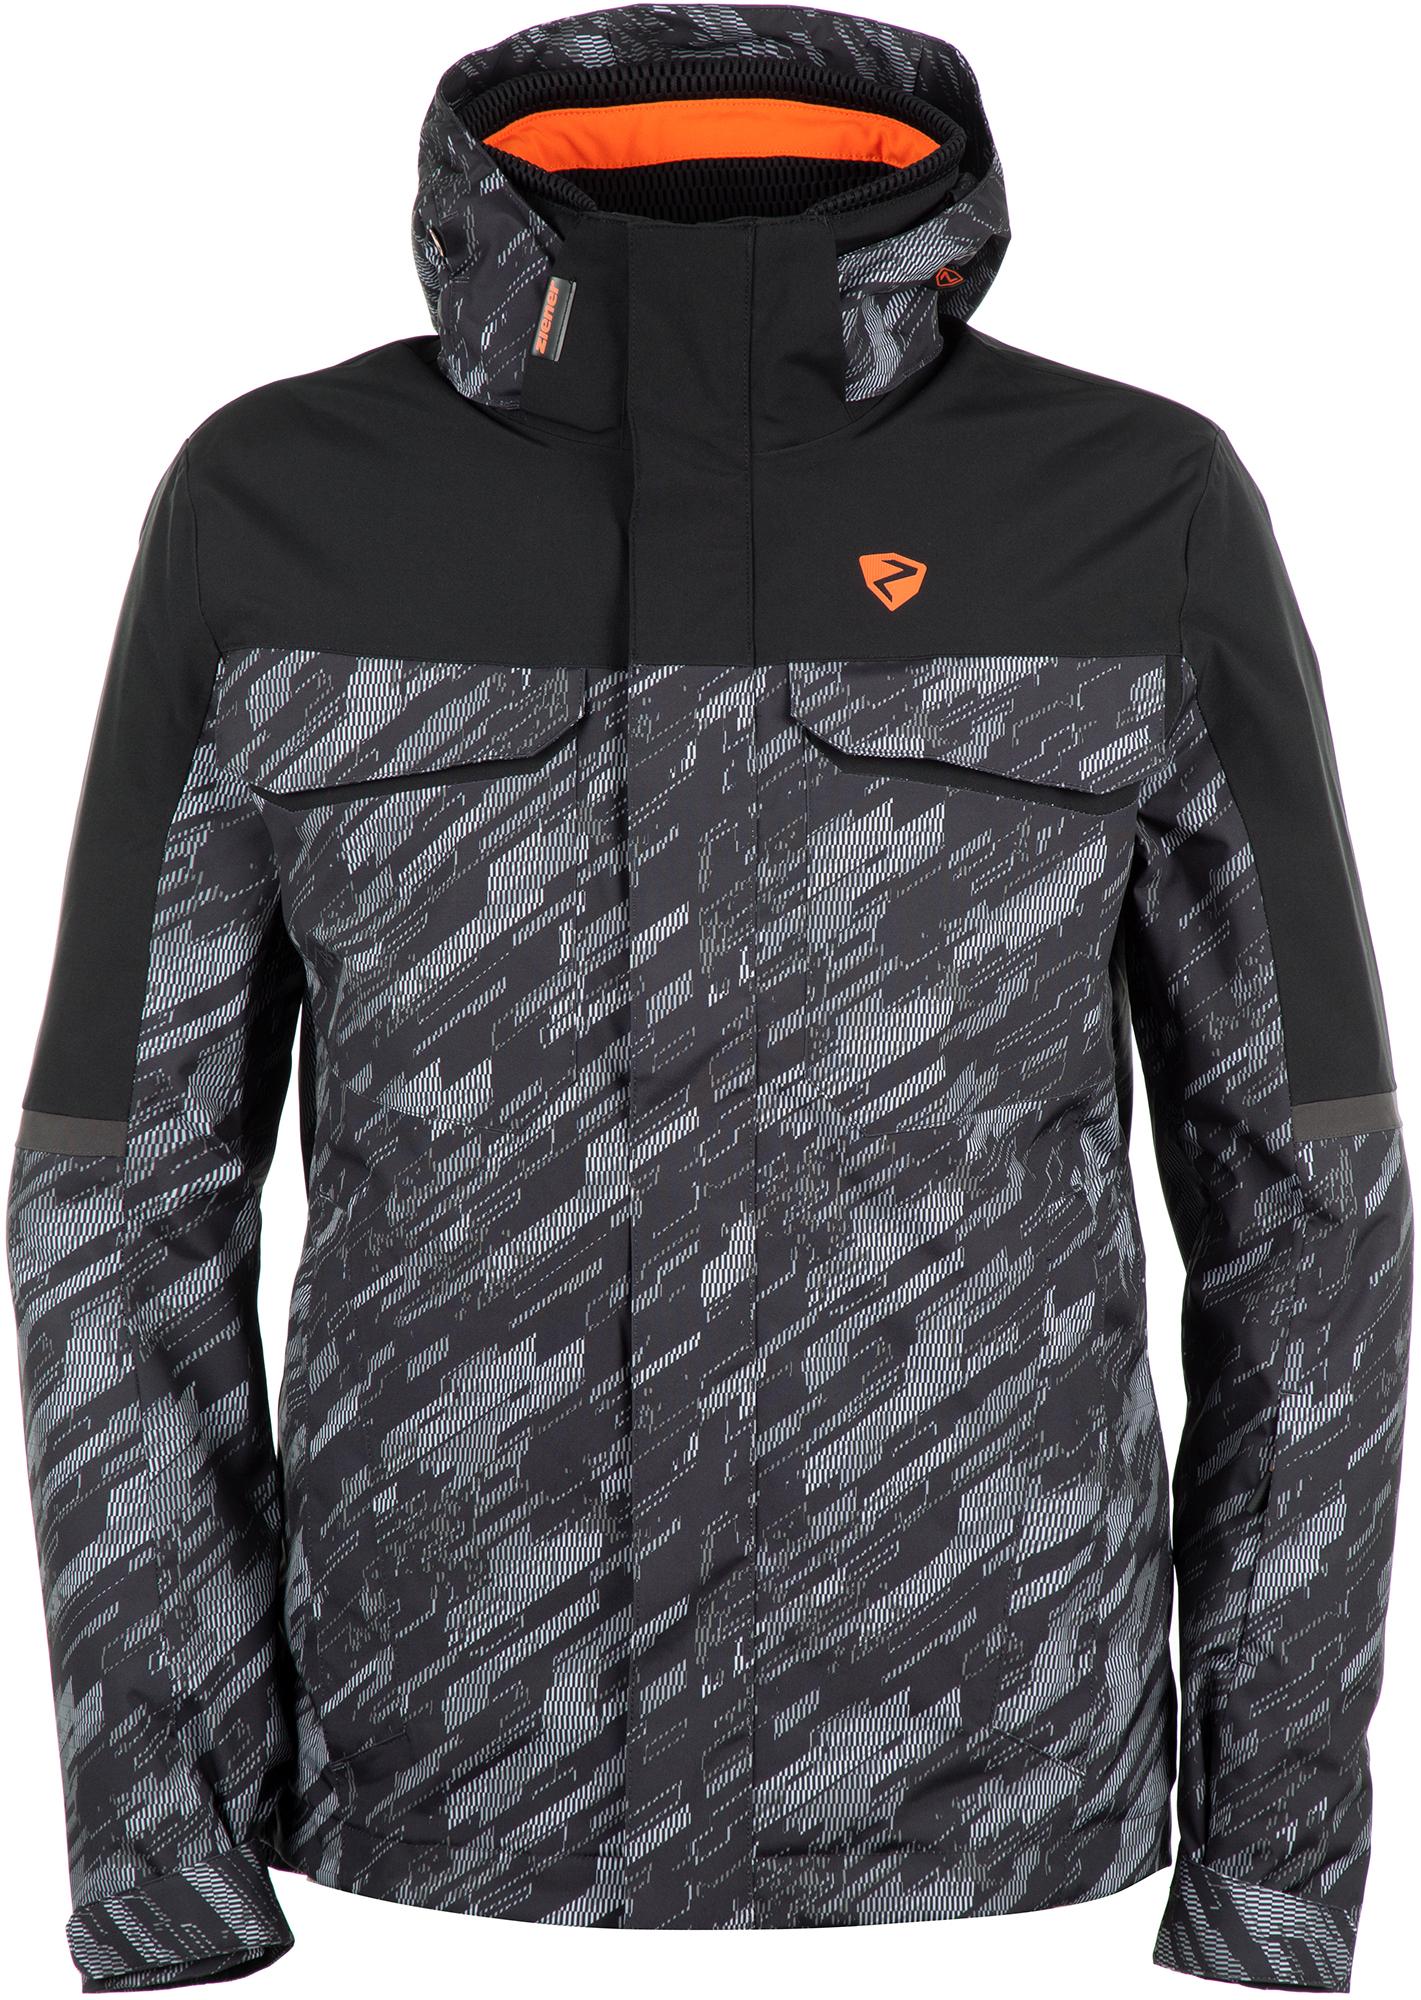 Ziener Куртка утепленная мужская Ziener Togiak, размер 48